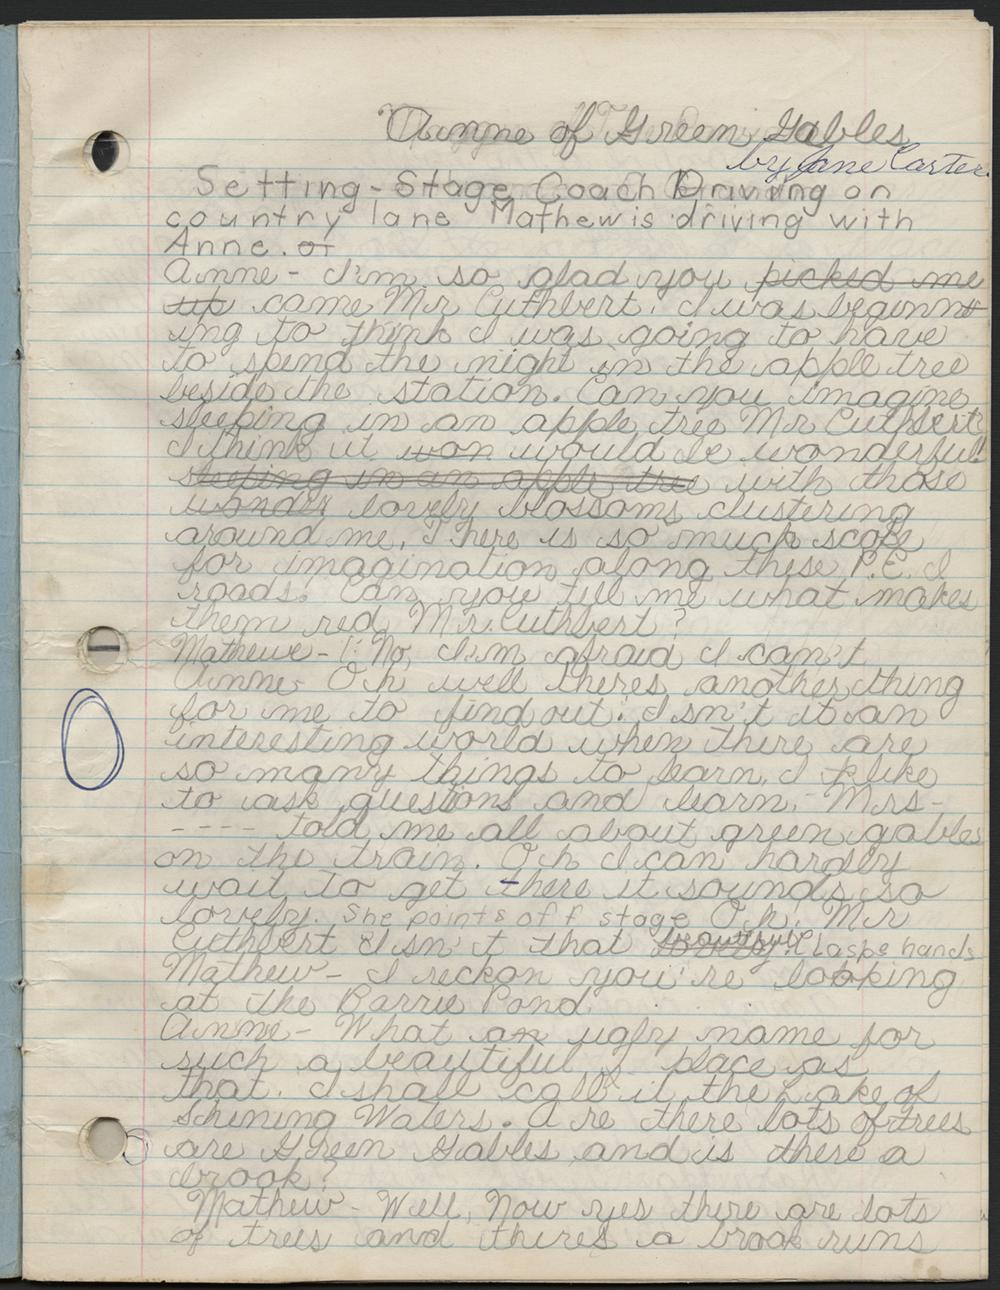 Un carnet comprenant une adaptation pour le théâtre écrite au crayon d'Anne... la maison aux pignons verts.